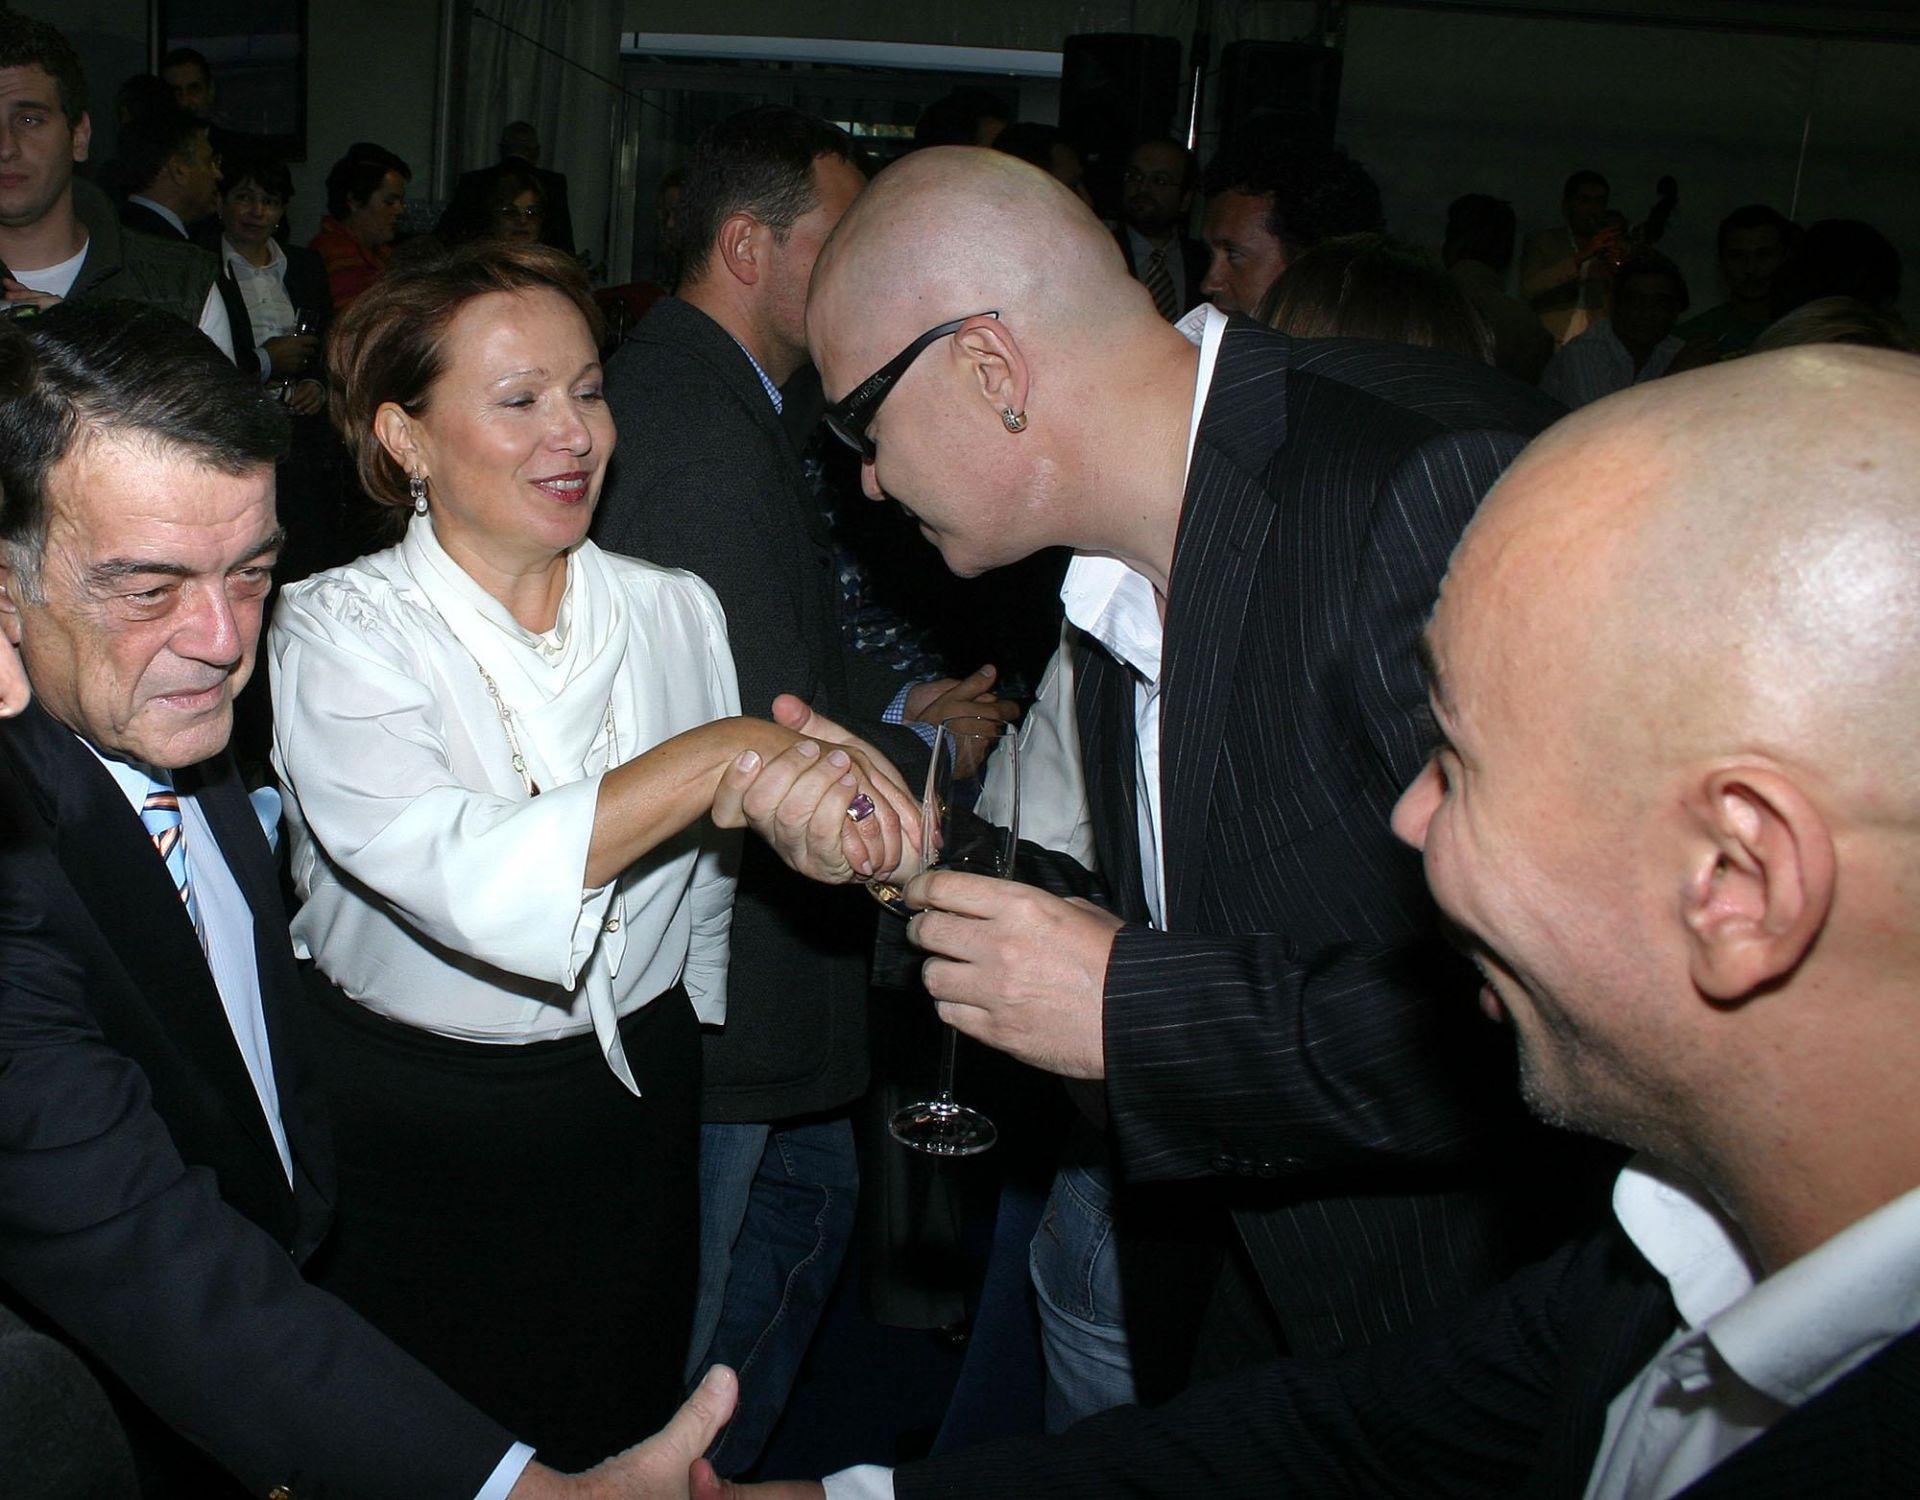 """3 октомври 2007 г. - Силва Зурлева и Минос Кириаку приемат поздравления от Слави Трифонов и Росен Петров при официалното откриване на новата сграда на Нова телевизия в столичния квартал """"Дружба""""."""